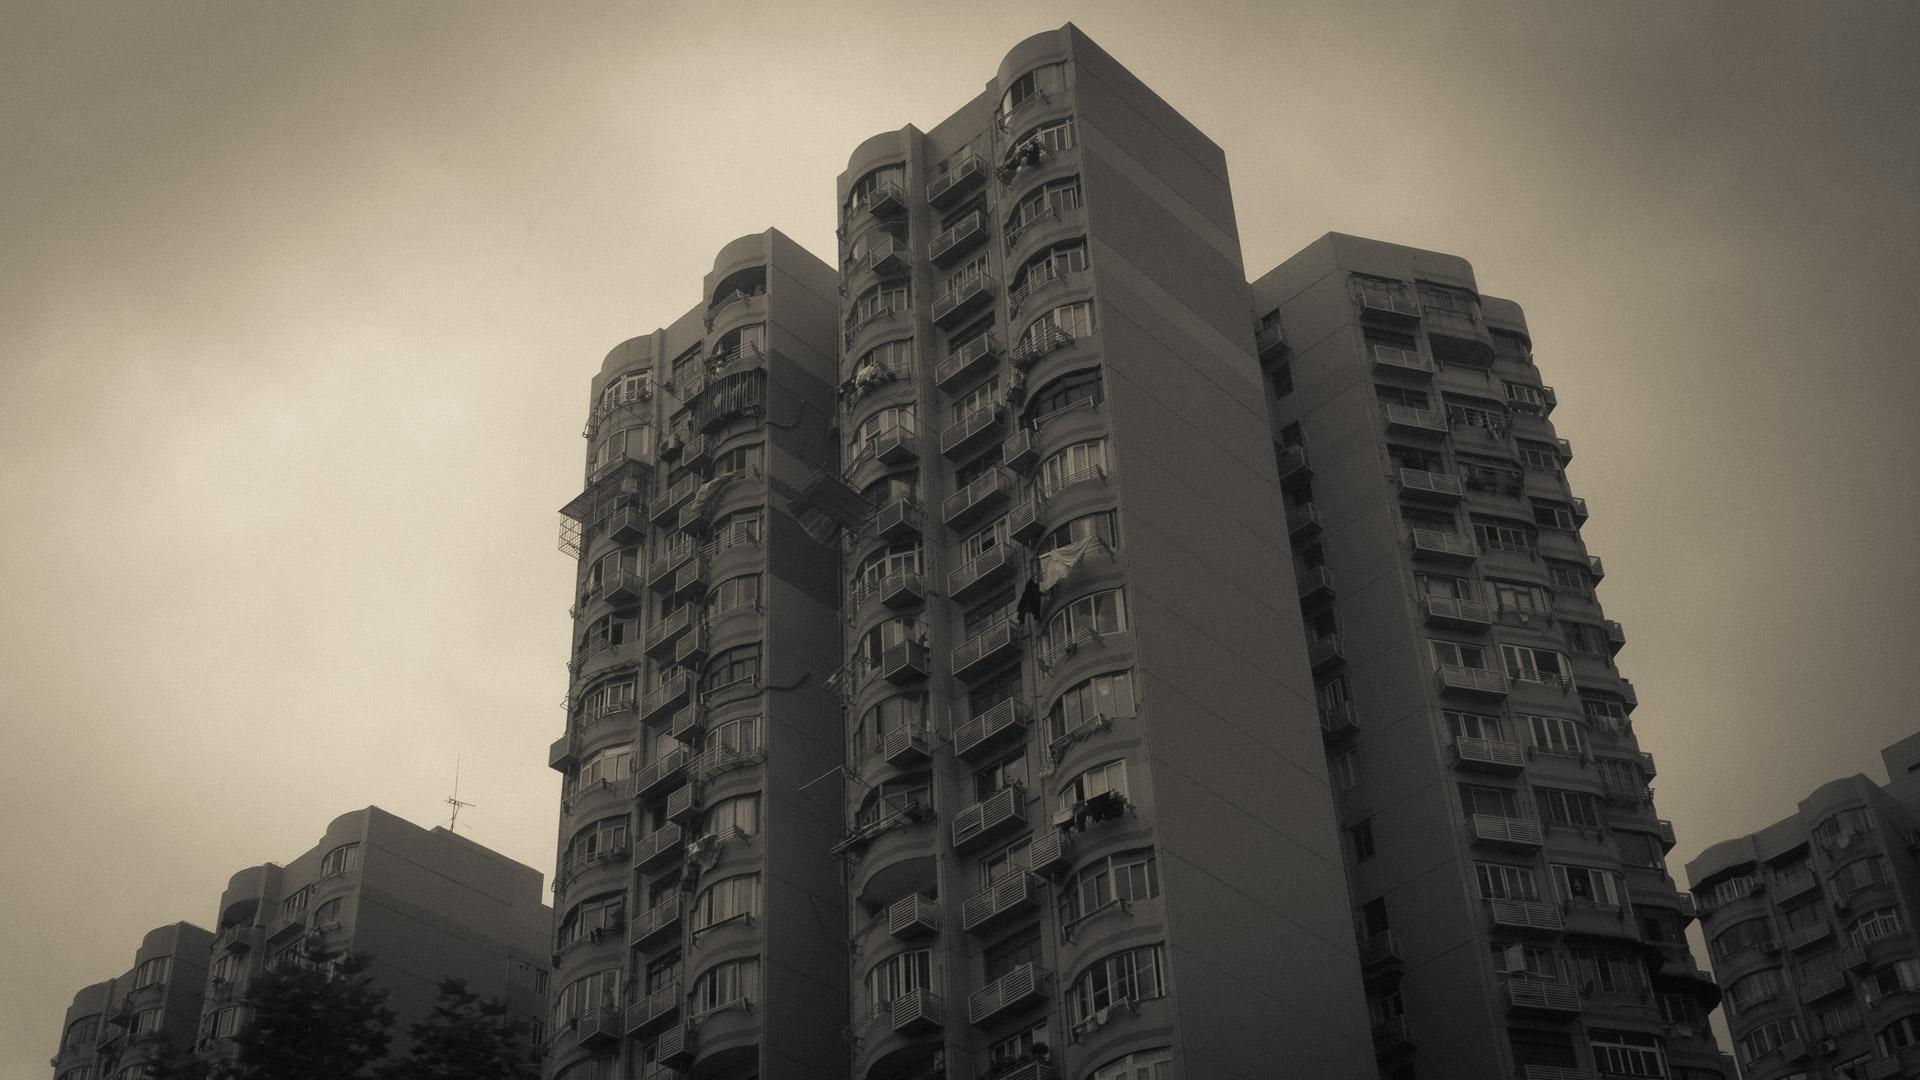 2015-05-24-Shanghai-durchs-Busfenster03